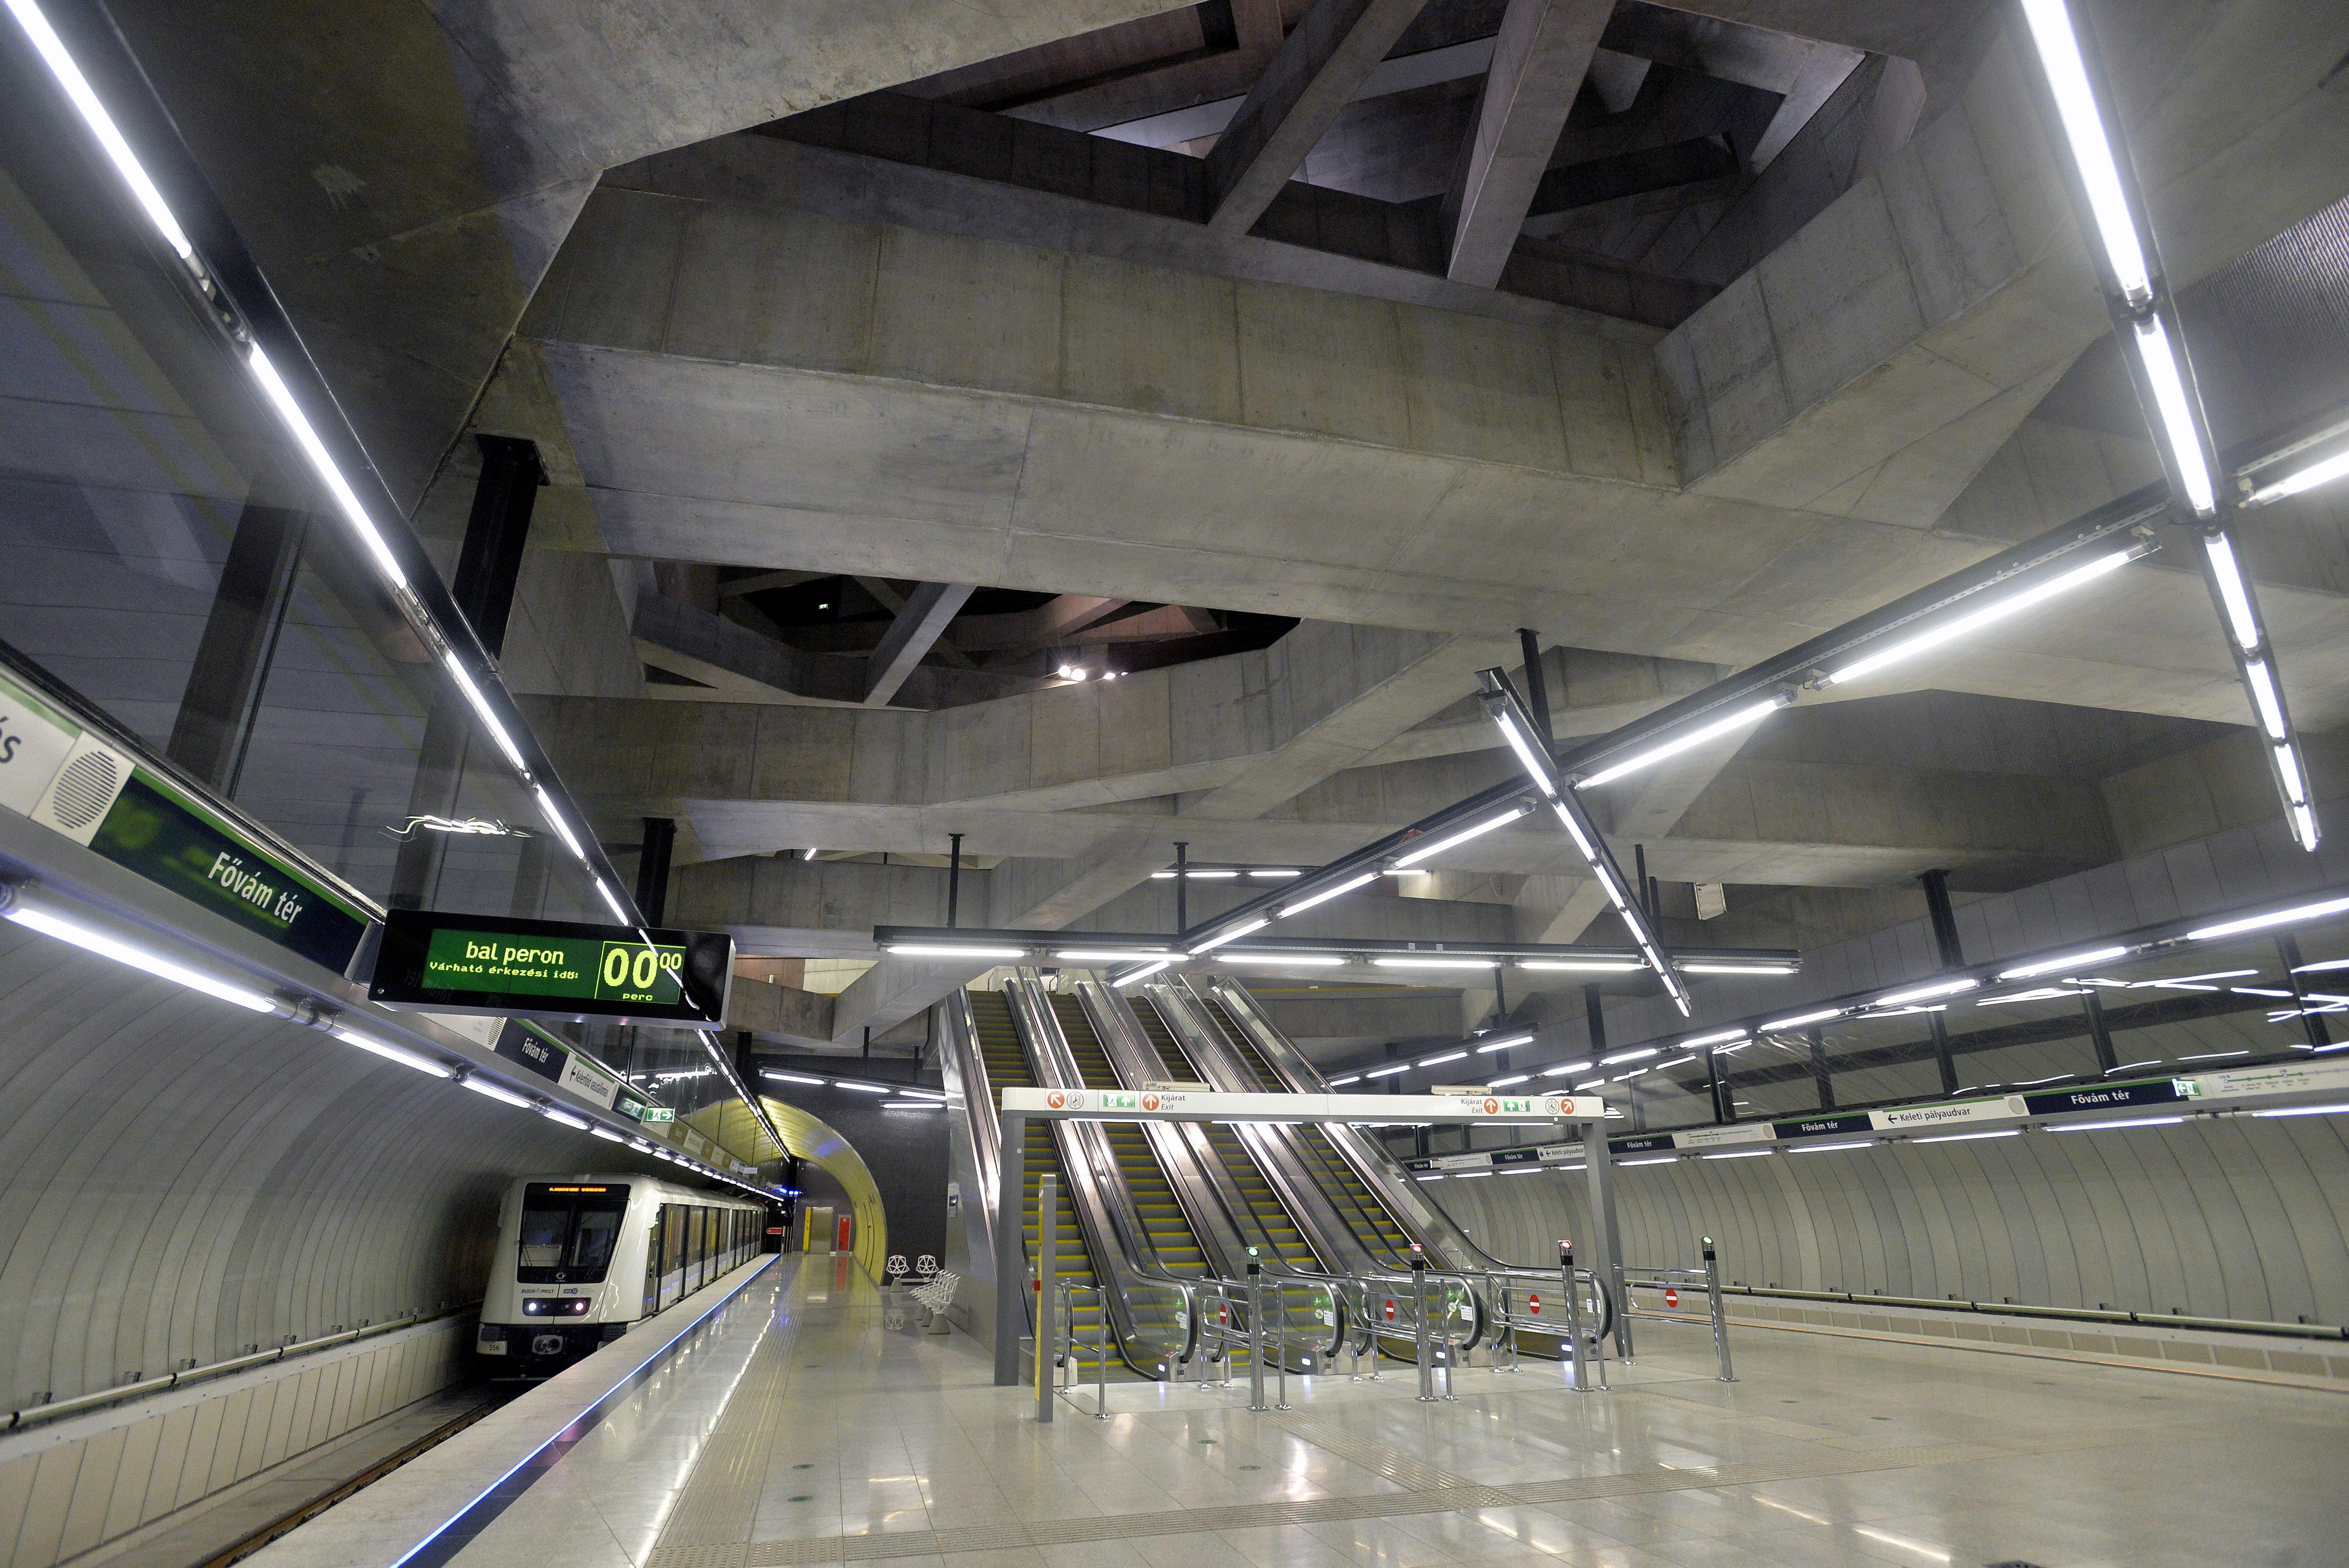 Bűncselekmény hiányában megszüntették a nyomozást a 4-es metró ügyében